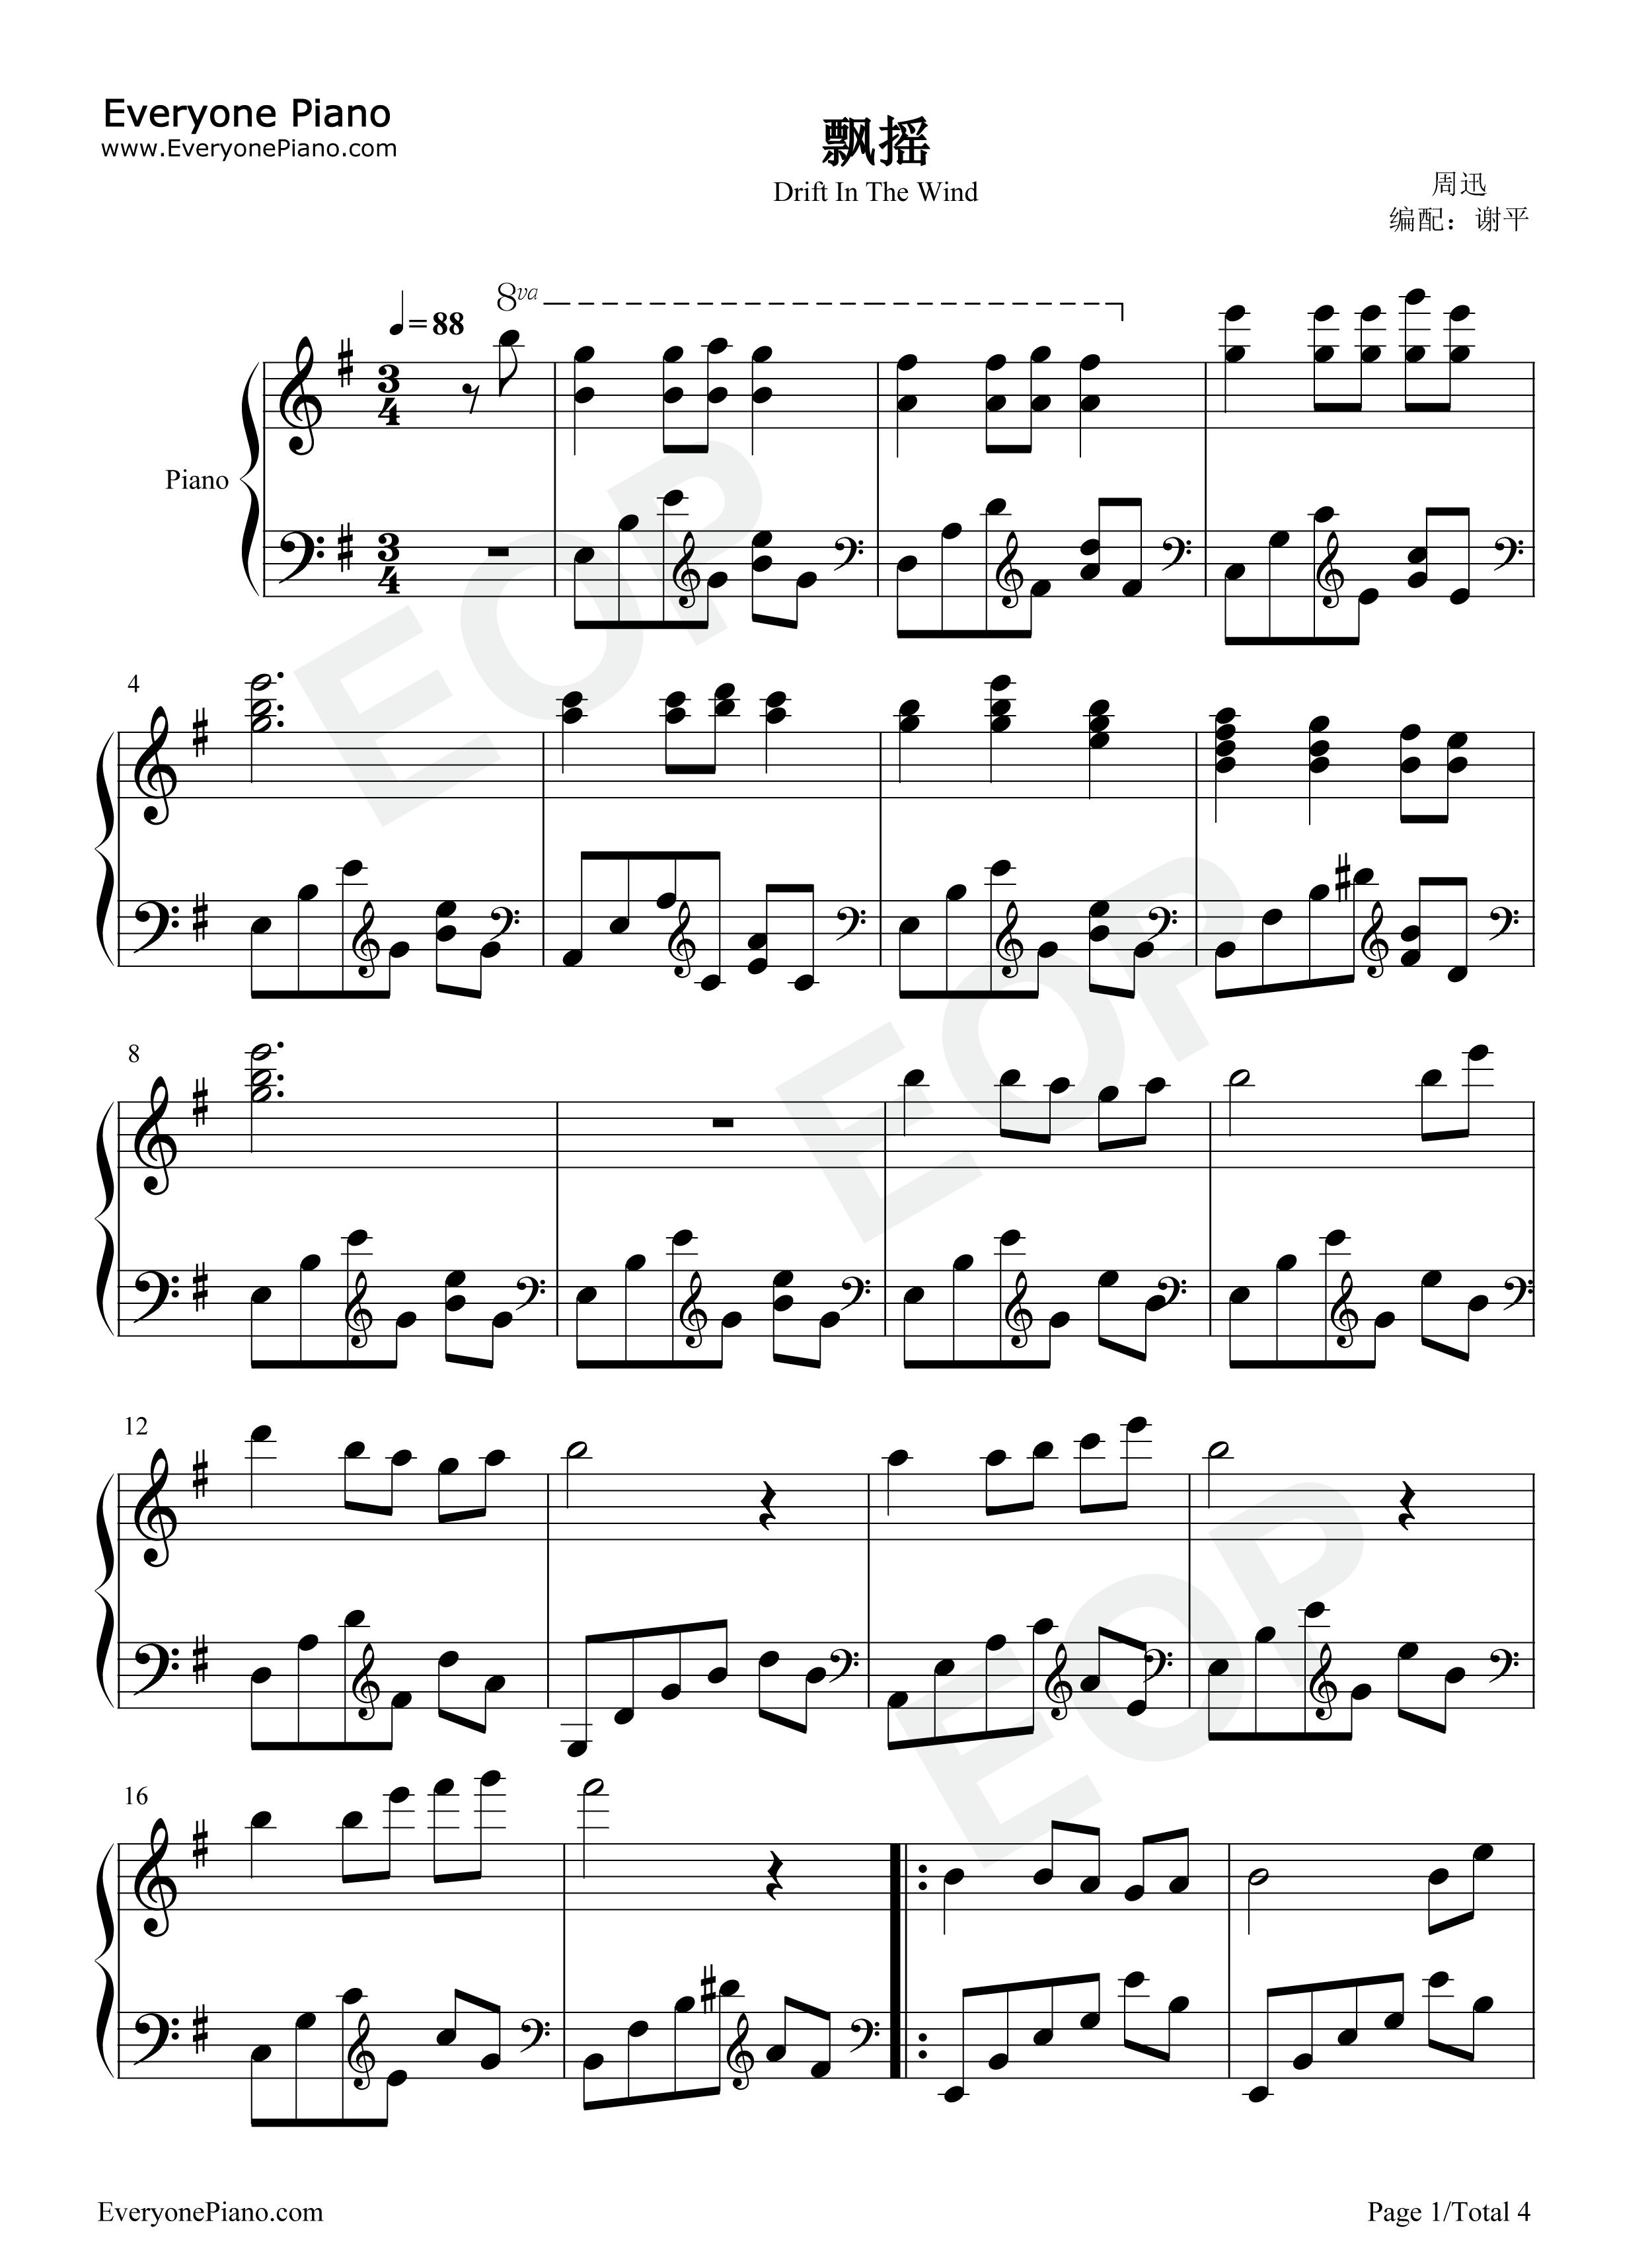 钢琴曲谱 流行 飘摇 飘摇五线谱预览1  }  仅供学习交流使用!